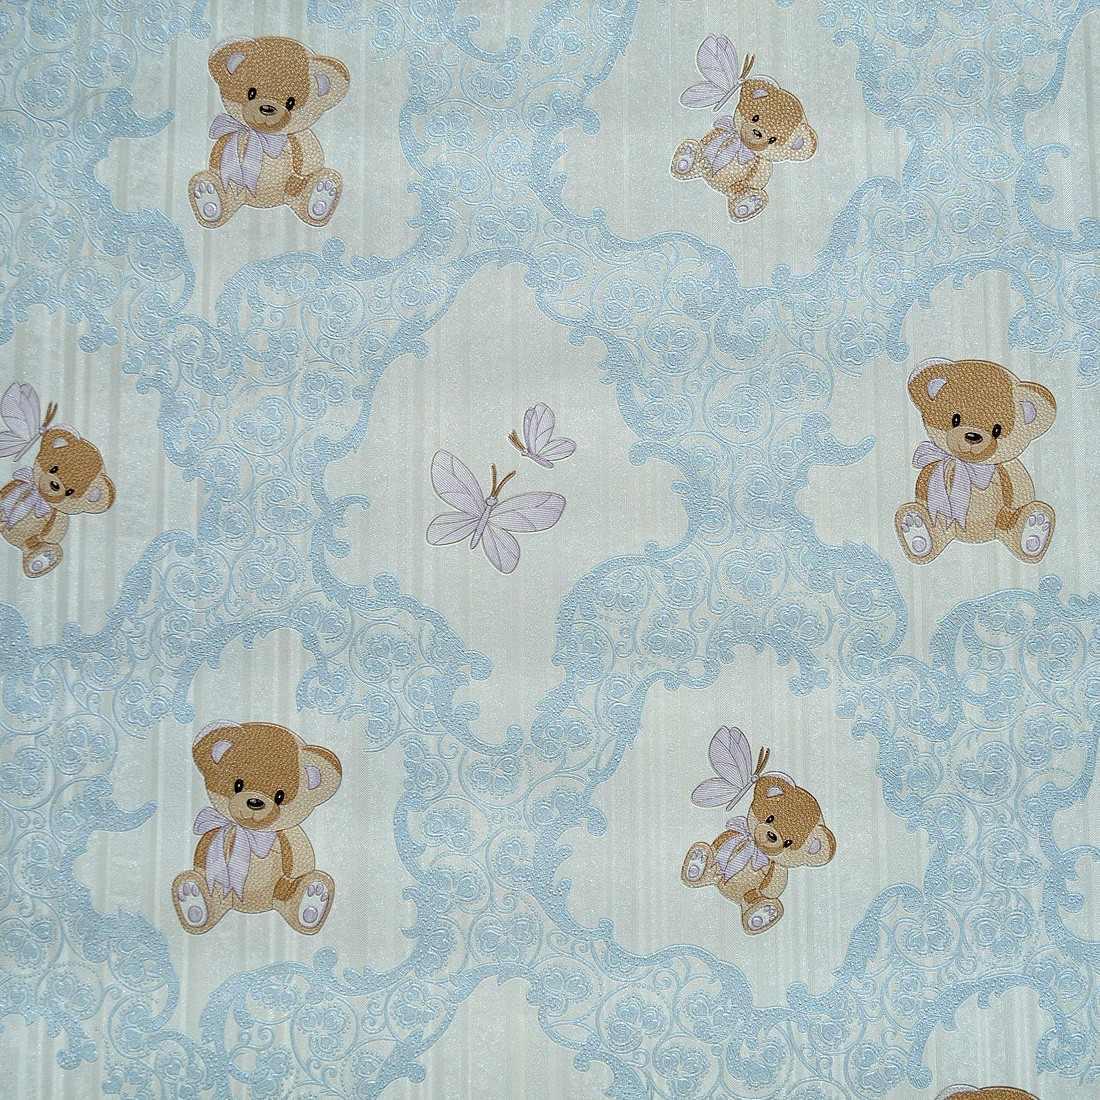 Papel de parede importado textura infantil beb ursinho for Papel para empapelar infantil